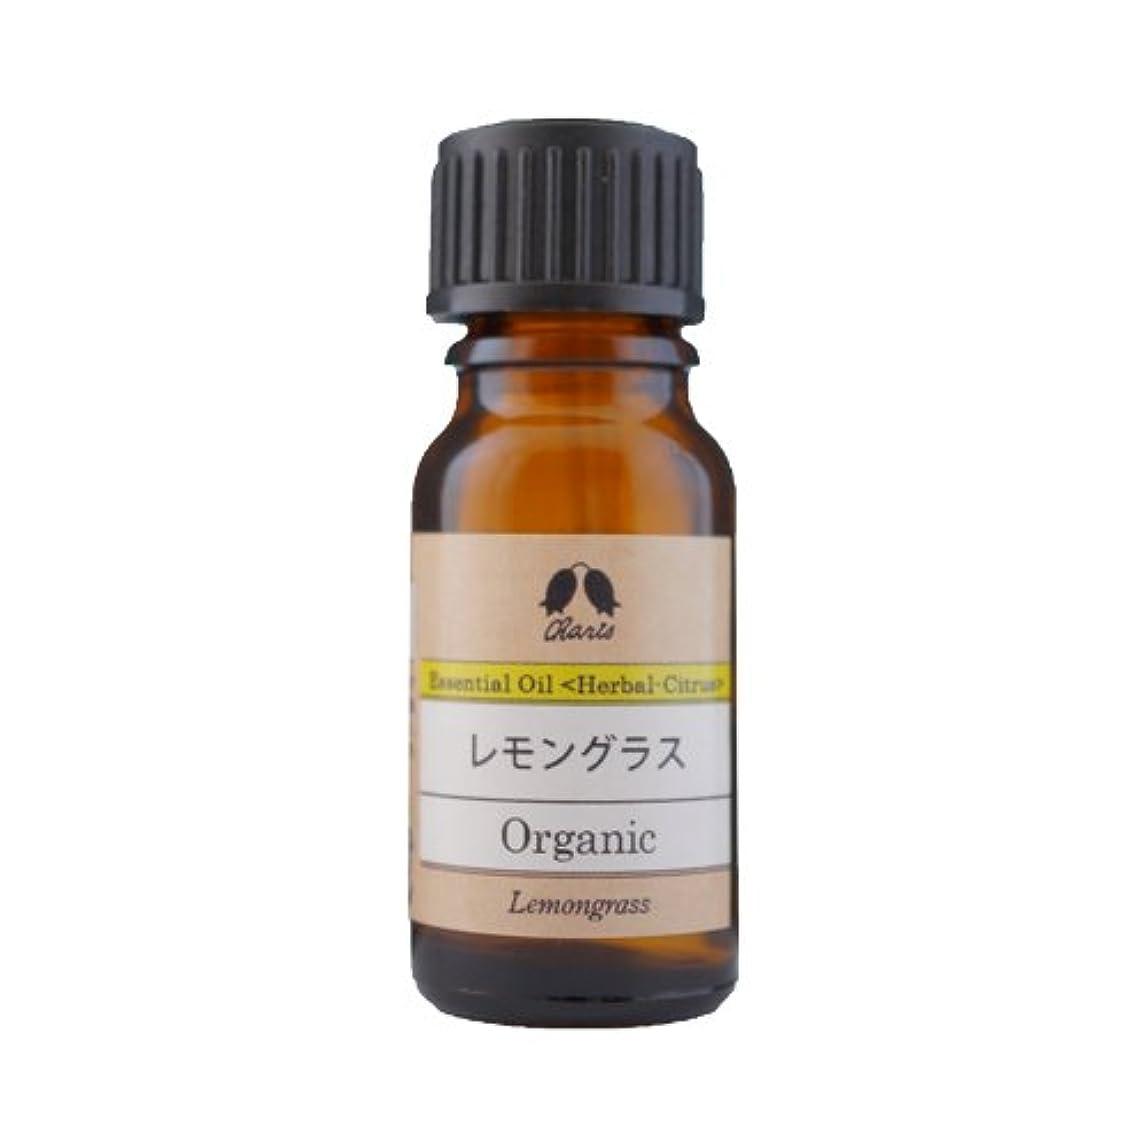 関係たっぷり賞賛カリス レモングラス オーガニック オイル 10ml